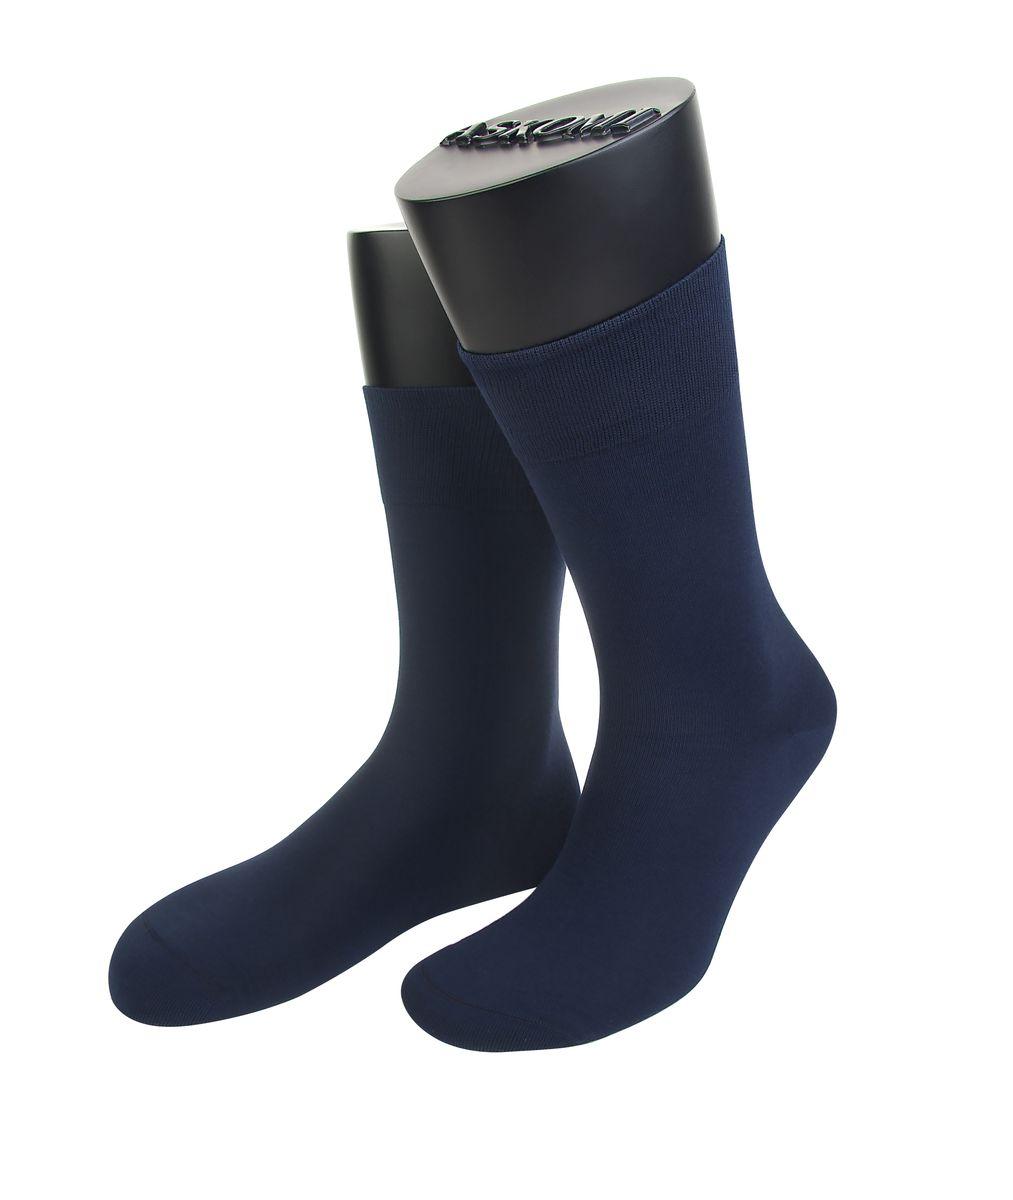 НоскиАМ-7500_8101Мужские носки Askomi Classic для повседневной носки выполнены из бамбука с добавлением полиамида. Бамбуковое волокно обладает высокой прочностью, антибактериальным и теплоизолирующим свойством. Двойной борт для плотной фиксации не пережимает сосуды. Носок и пятка укреплены, что значительно увеличивает износостойкость носков. Кеттельный шов не ощутим для ноги.